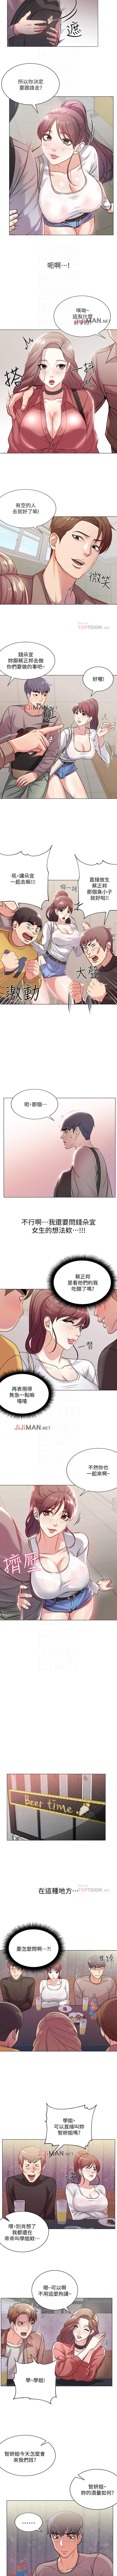 【周三连载】超市的漂亮姐姐(作者:北鼻&逃兵) 第1~40话 60